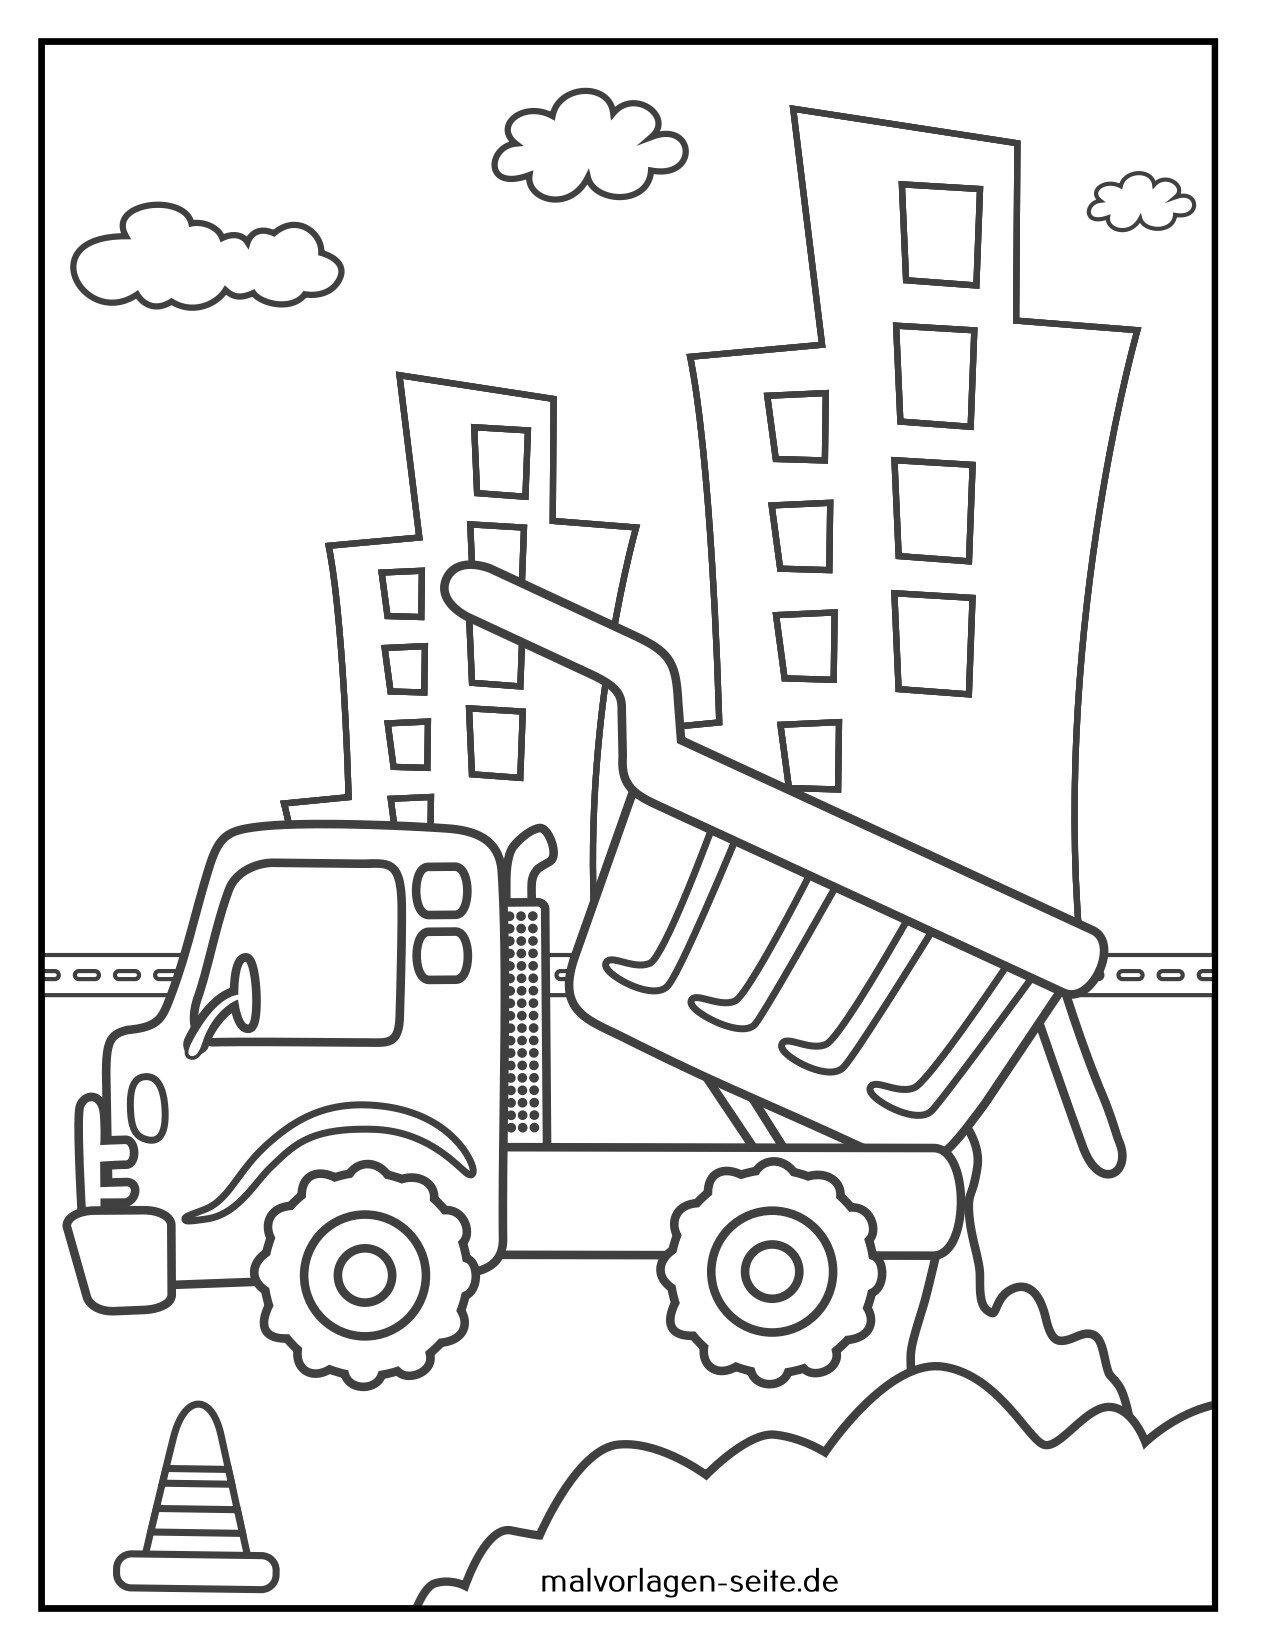 דף צביעה אתר בניית משאיות זבל